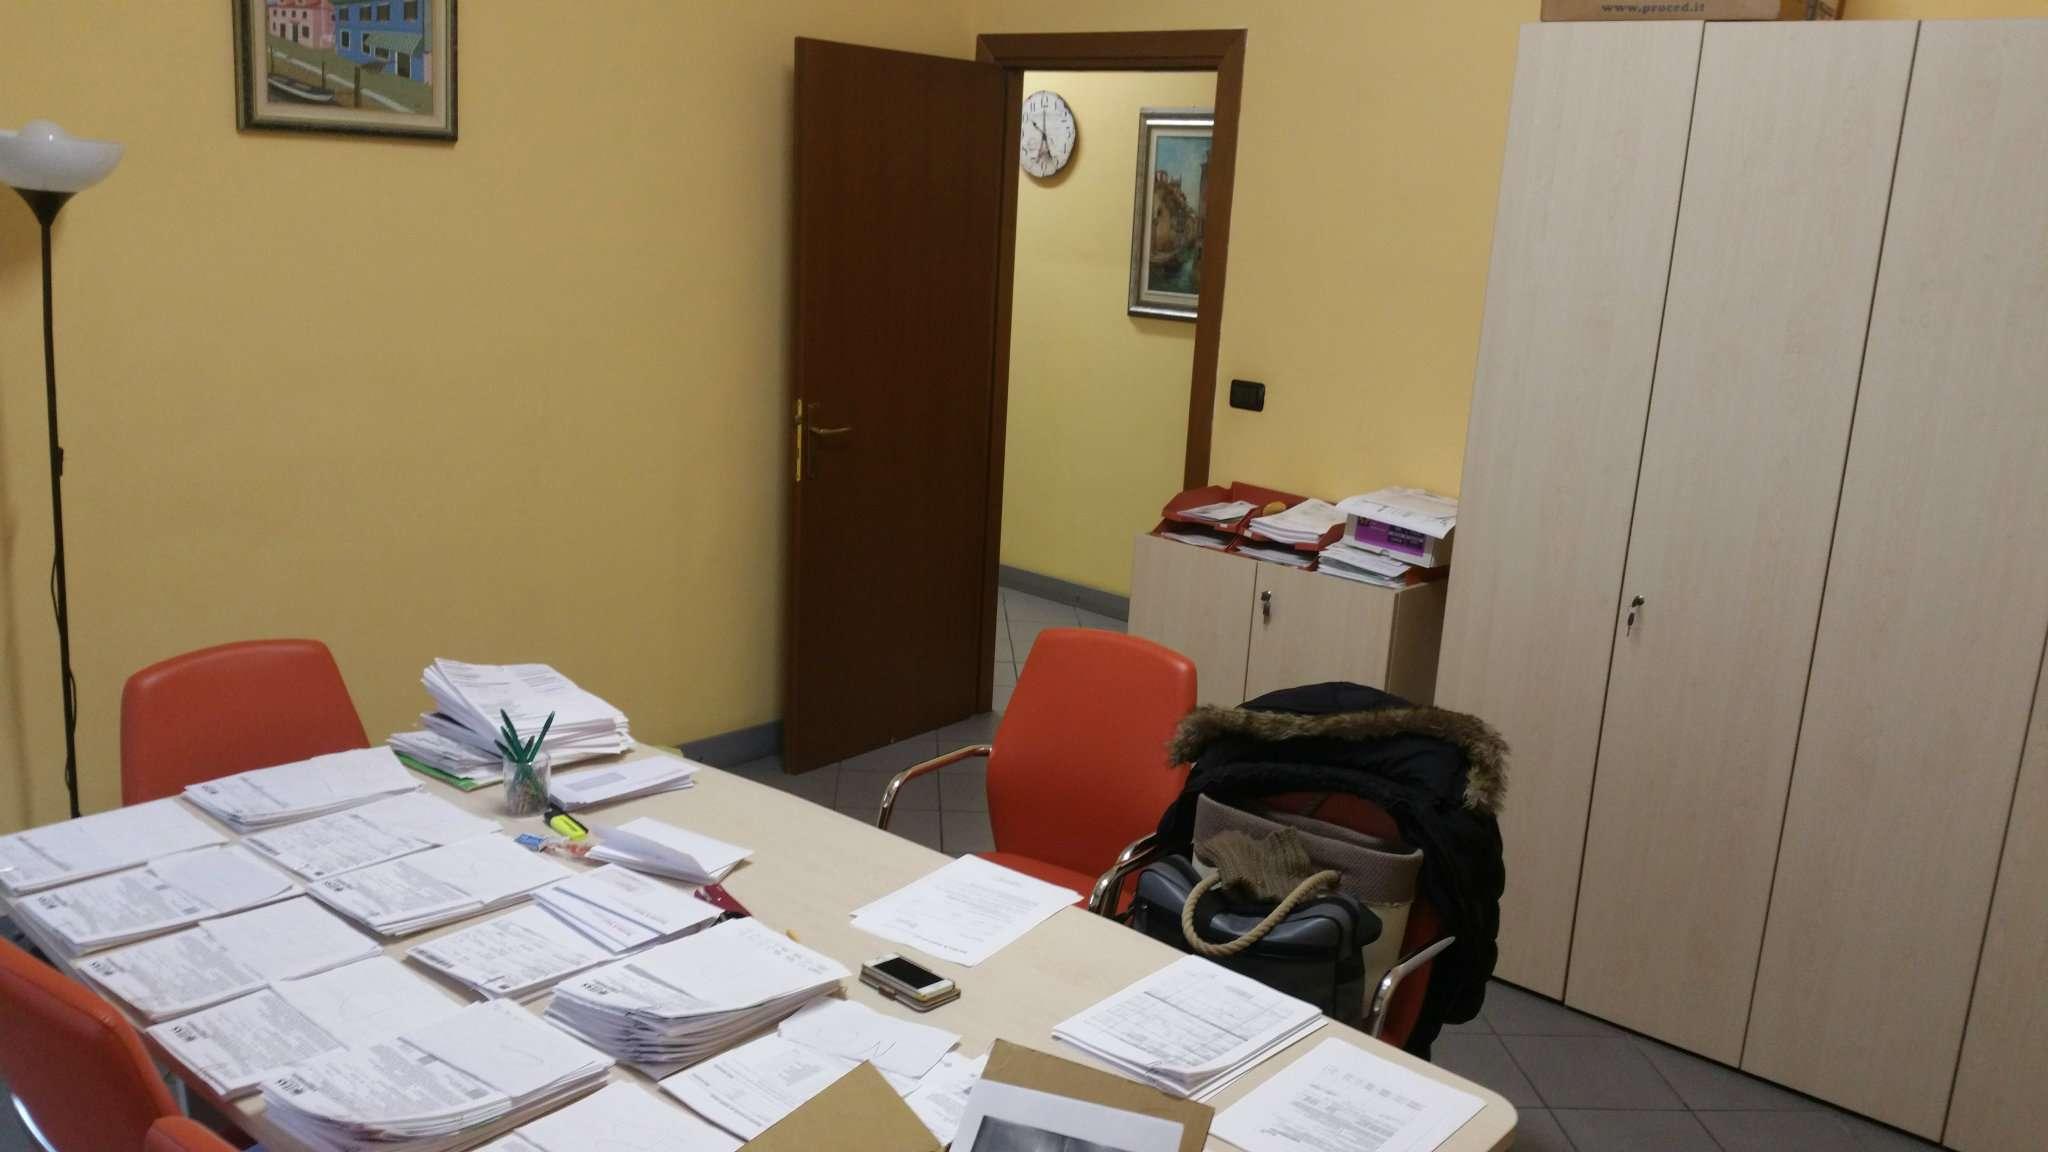 Ufficio Di Entrata : Ufficio di mq nel centro di orbassano studio immobiliare be